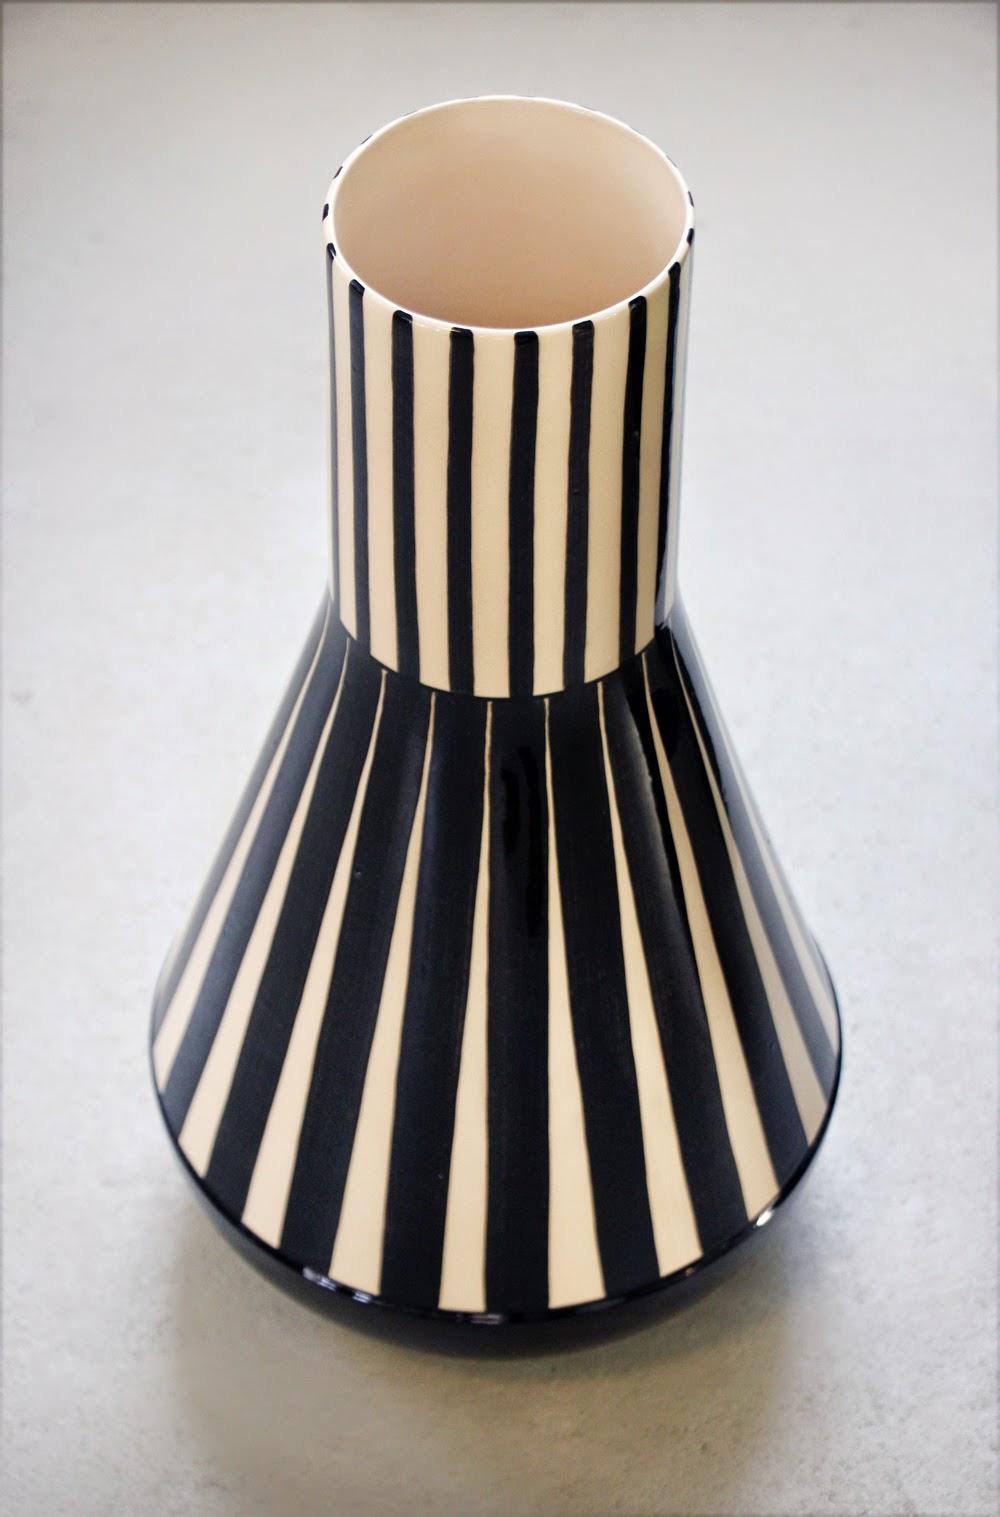 anneliwest berlin hedwig bollhagen keramik. Black Bedroom Furniture Sets. Home Design Ideas